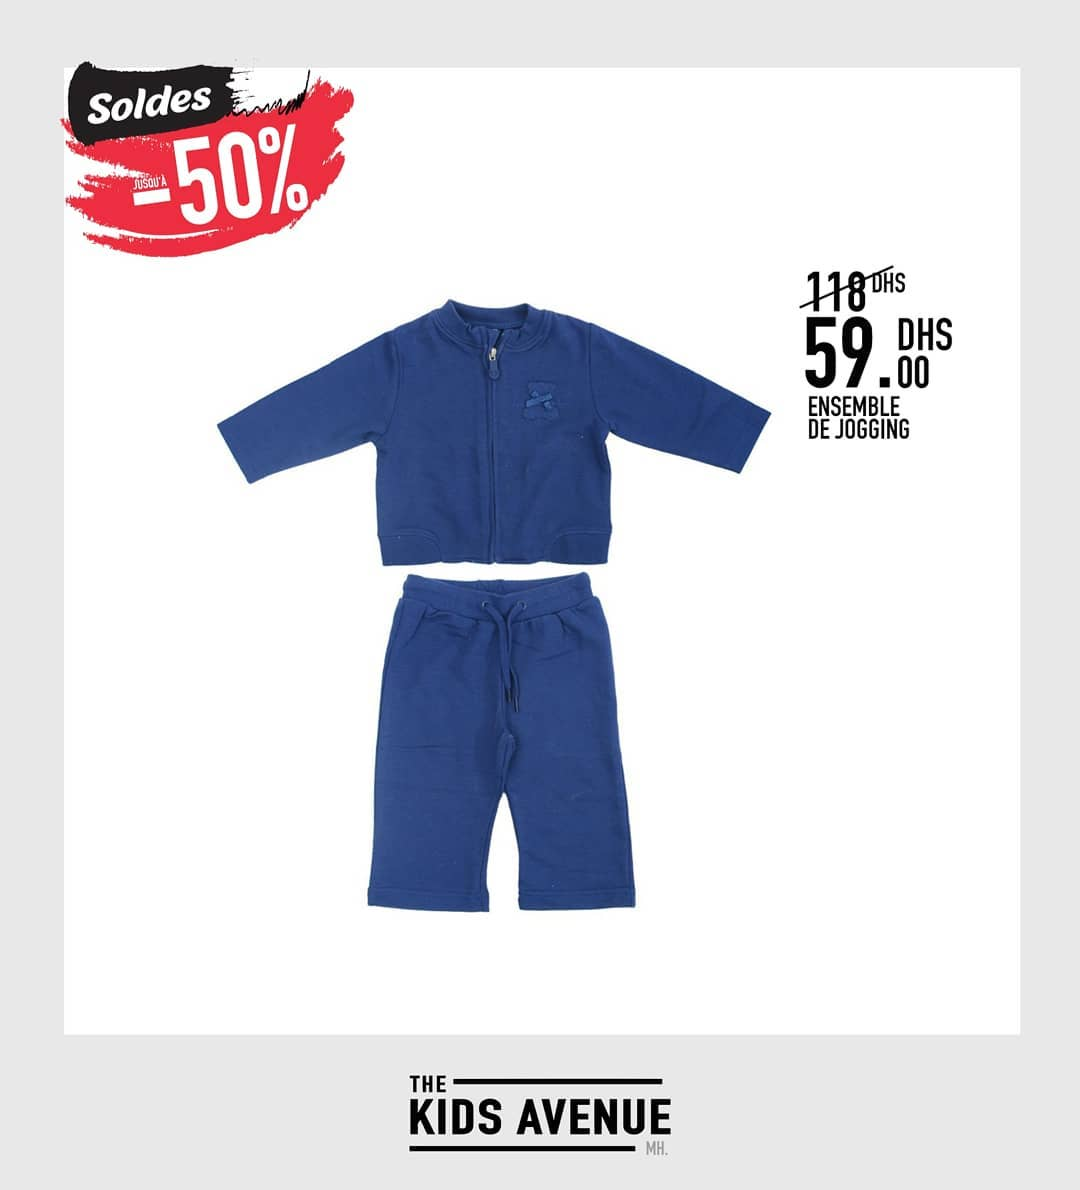 Soldes -50% chez Kids Avenue Ensemble de jogging enfant 59Dhs au lieu de 118Dhs